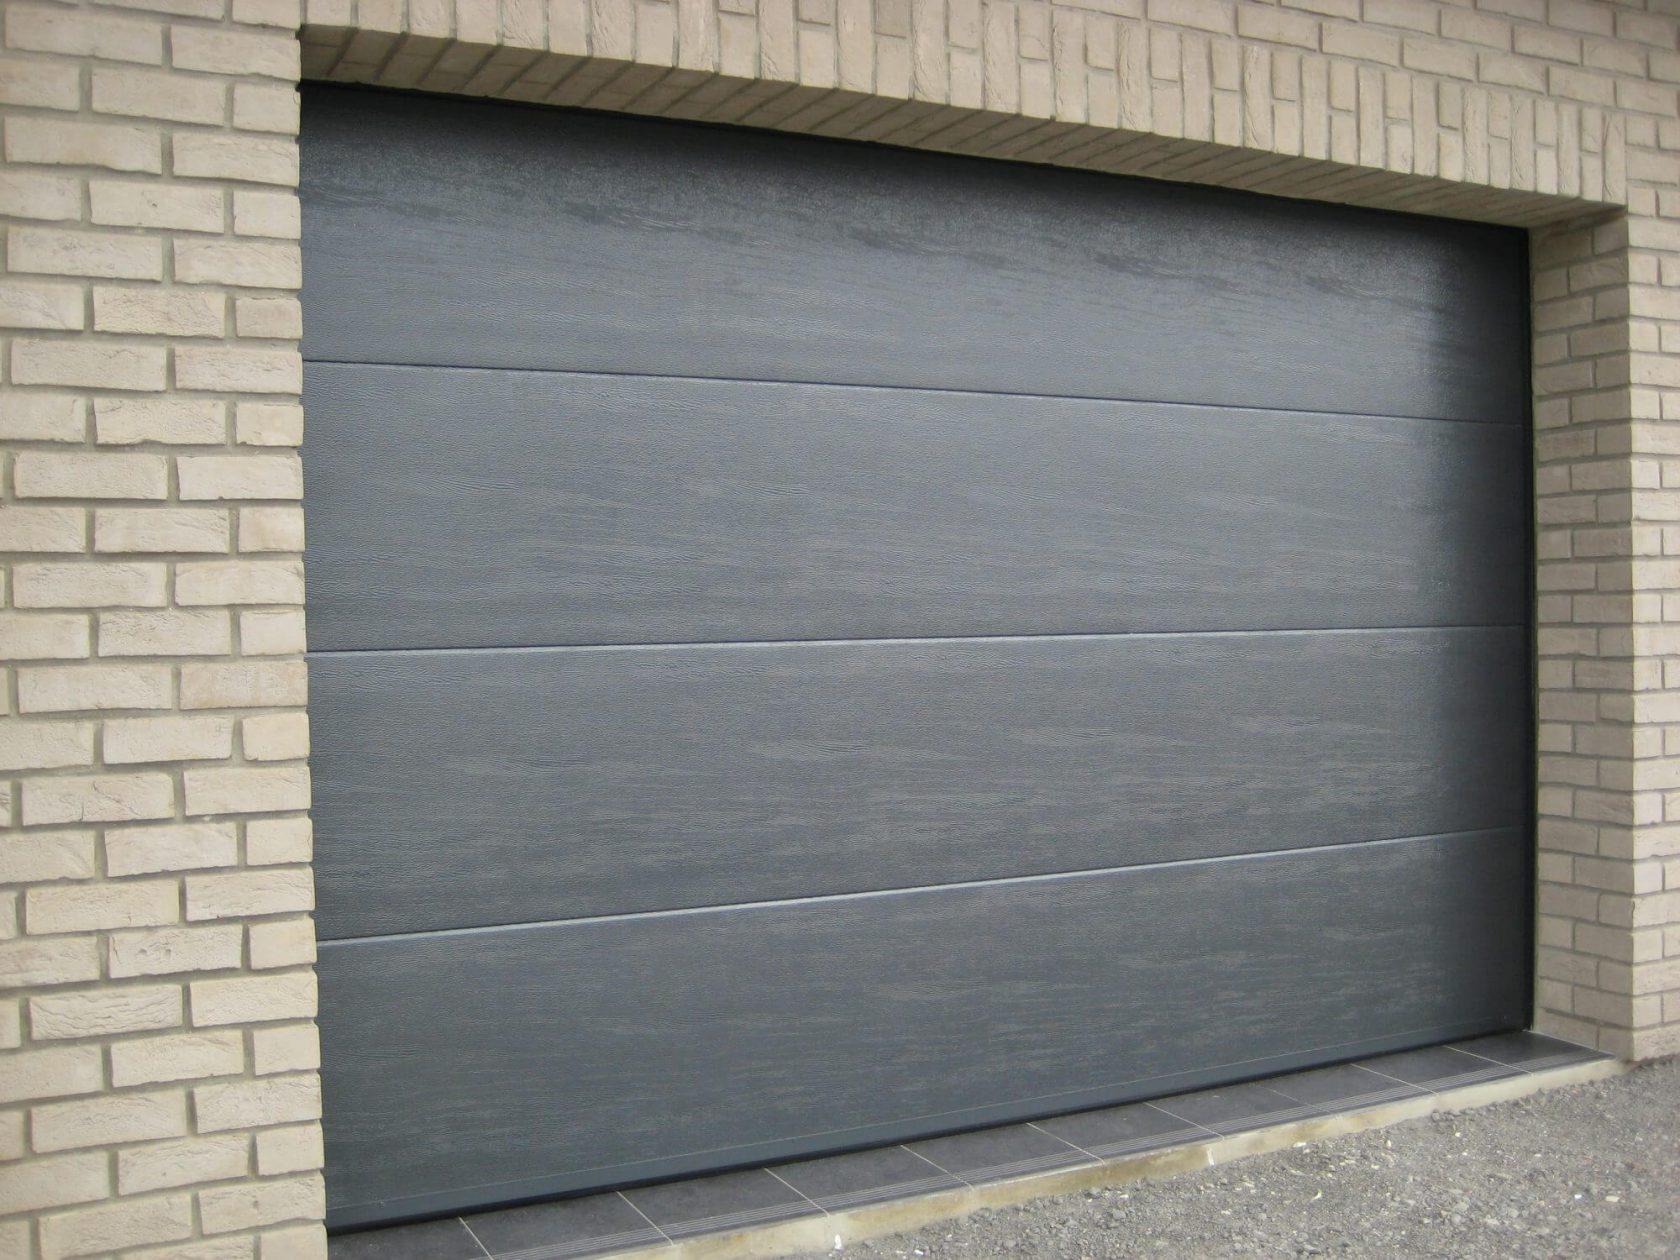 Porte de garage noir - Réalisation Inorbat